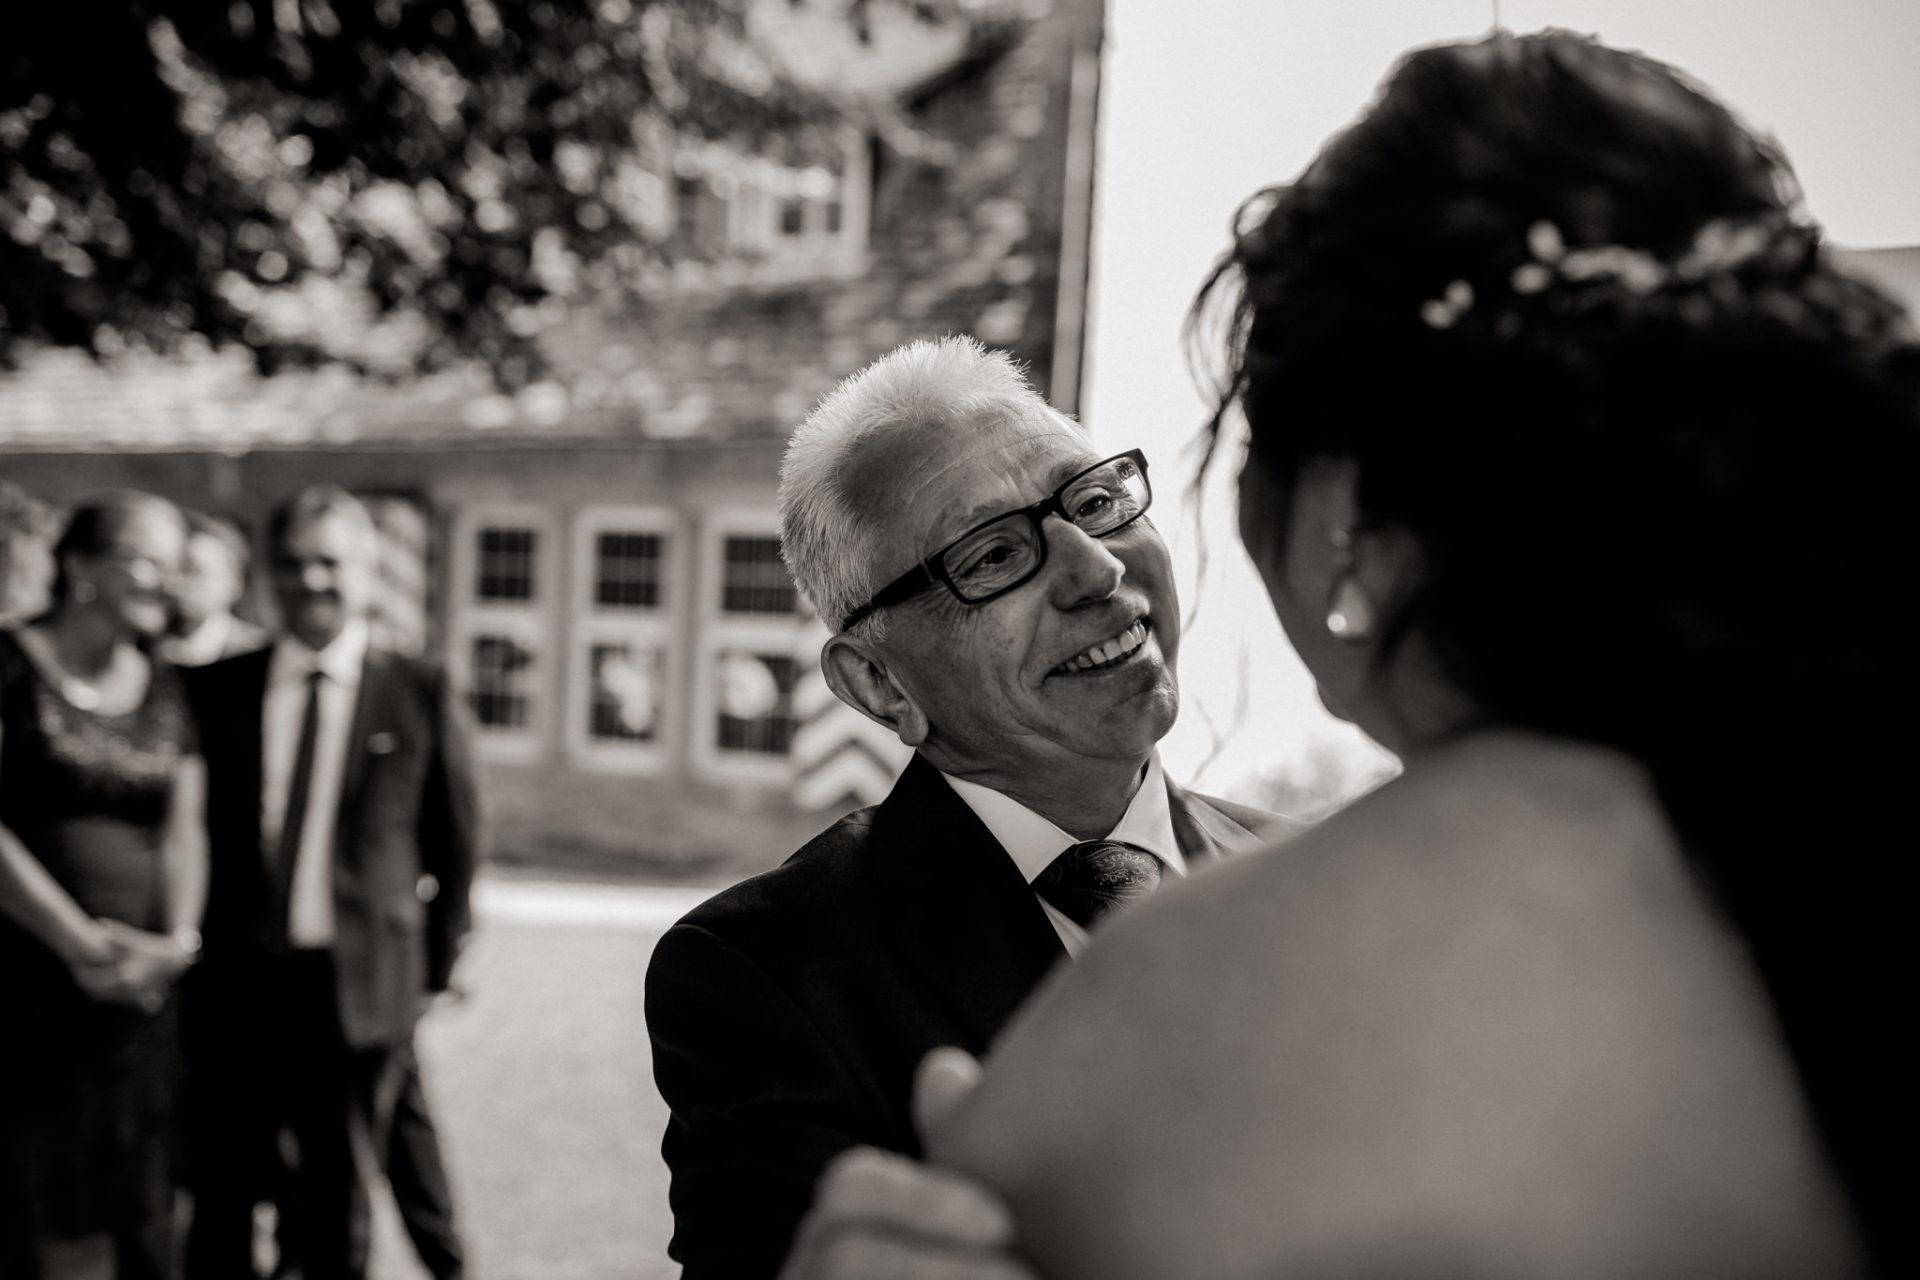 hochzeitsfotograf schloss heinsheim-elegant heiraten-Schafstall Heinsheim-Natürliche Portraits-Ungestellte Hochzeitsbilder